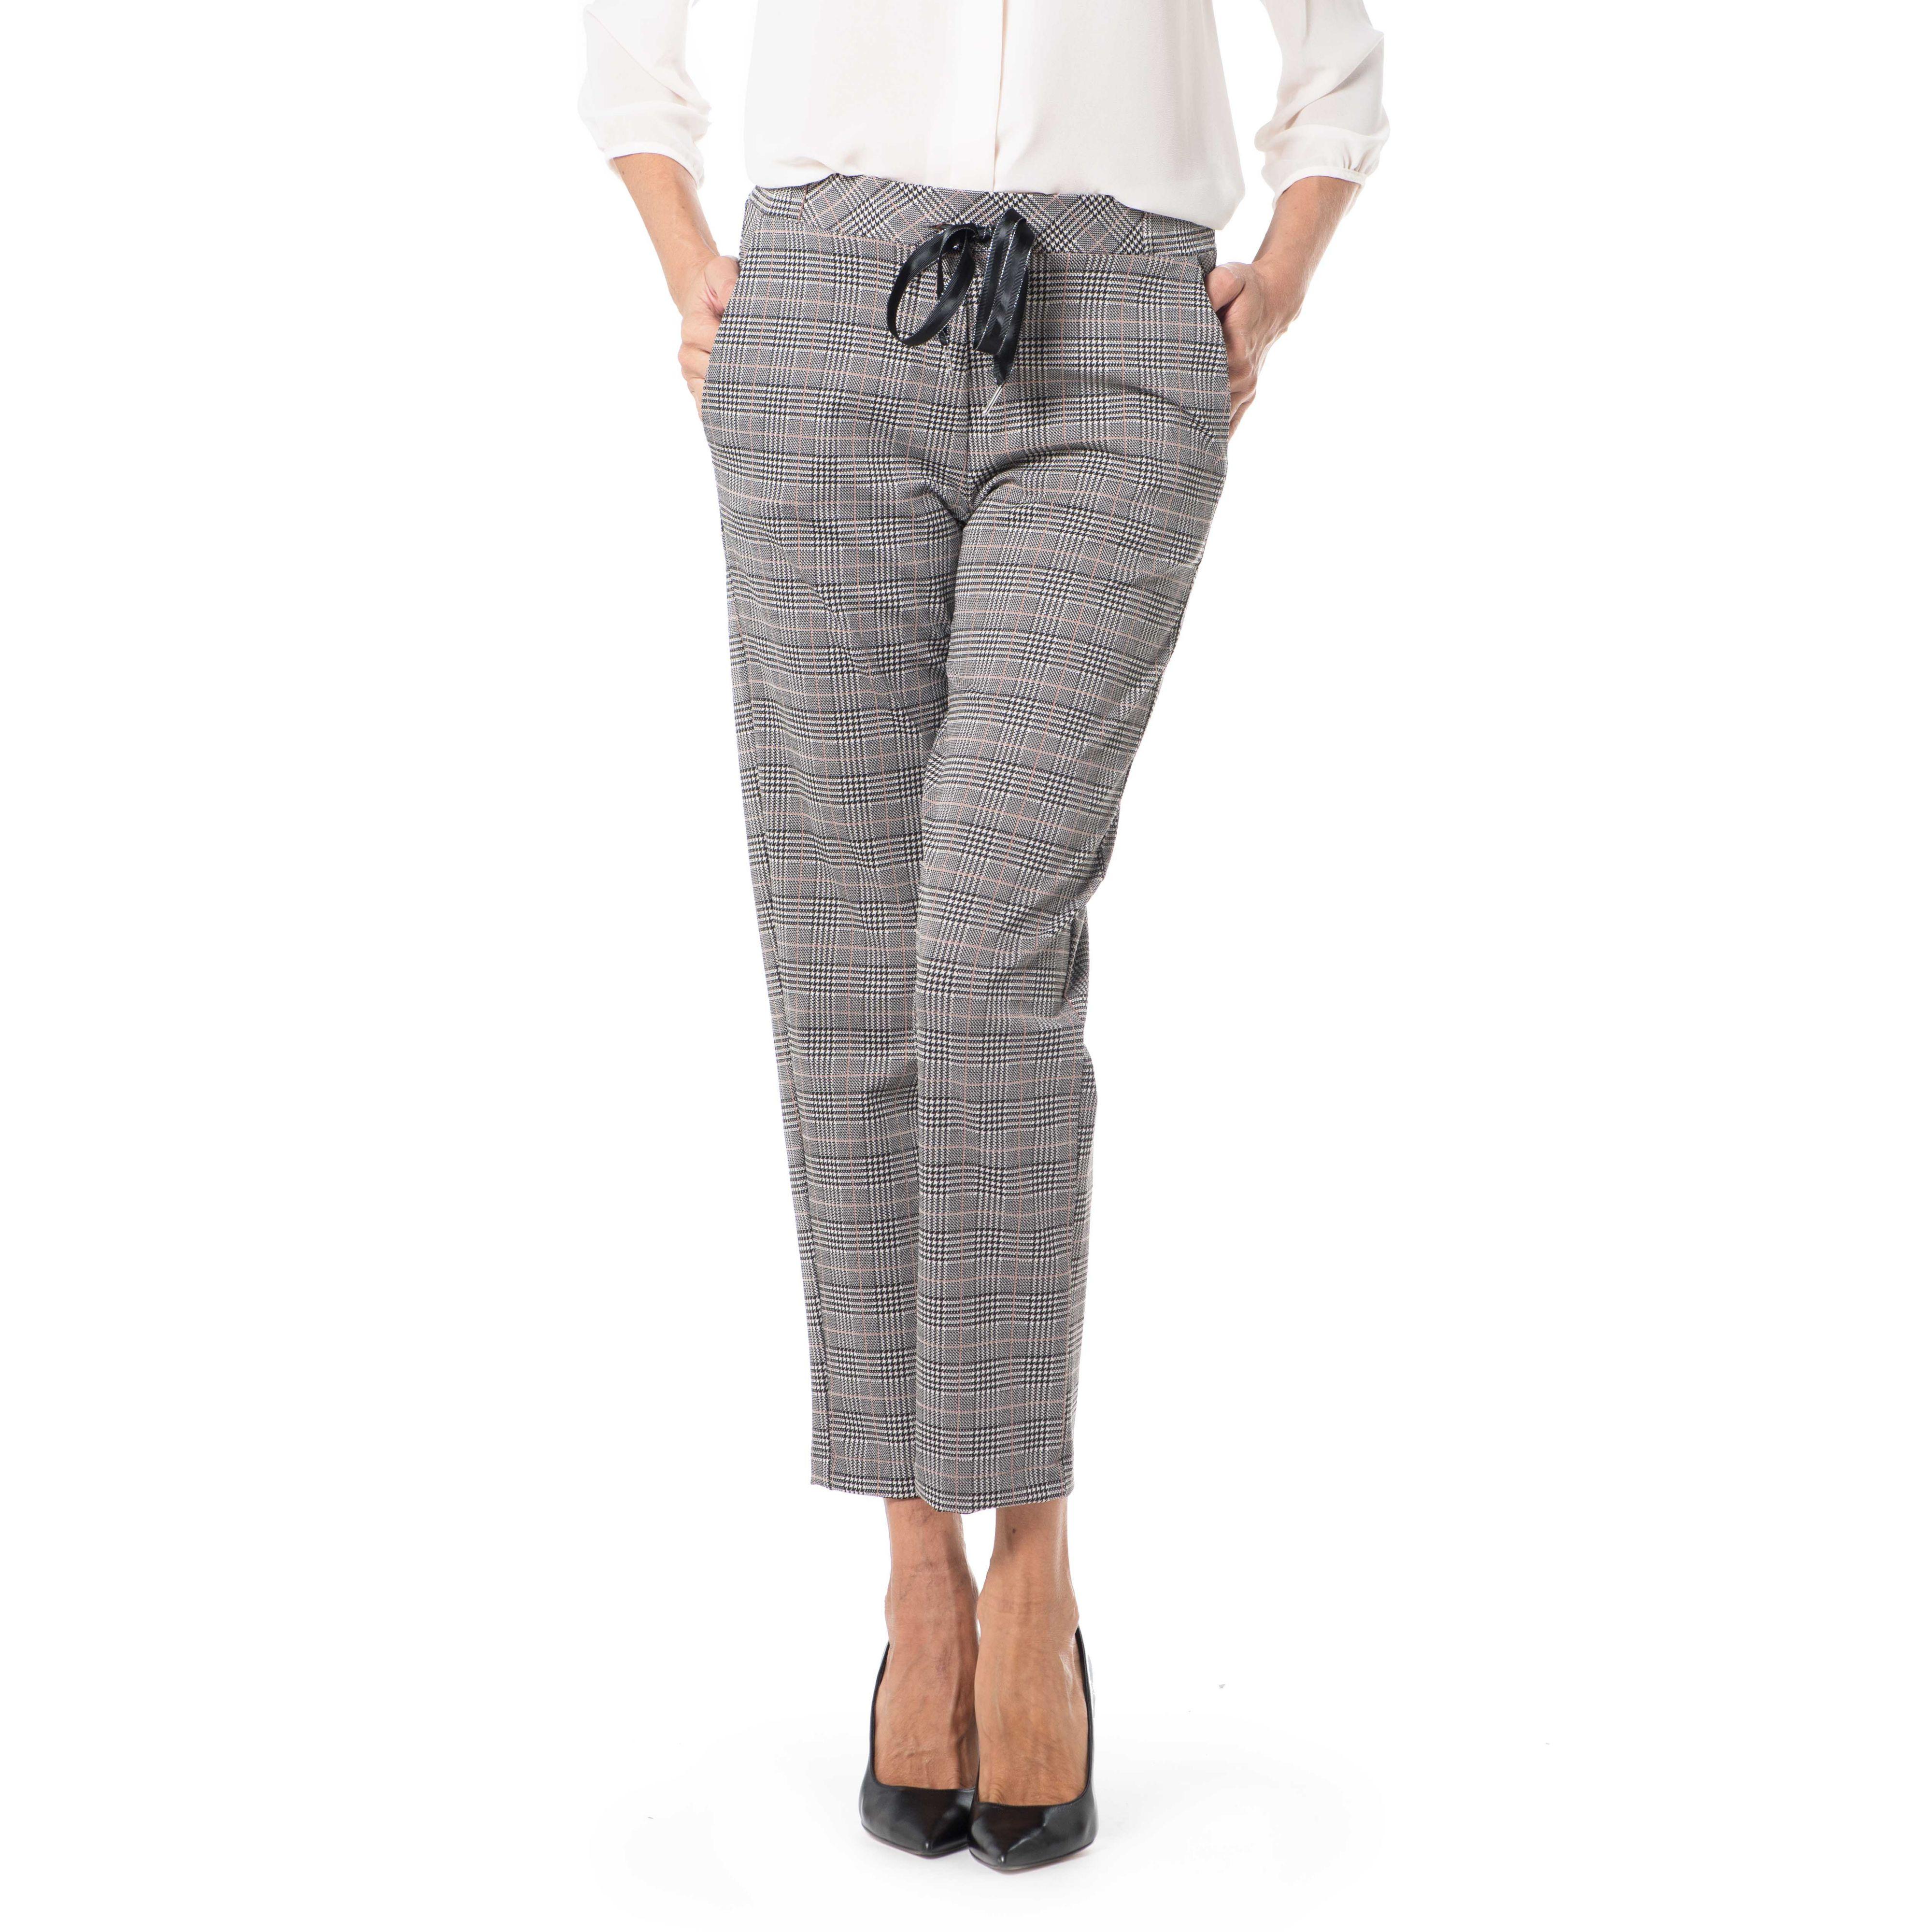 Image of Pantaloni jacquard in principe di galles